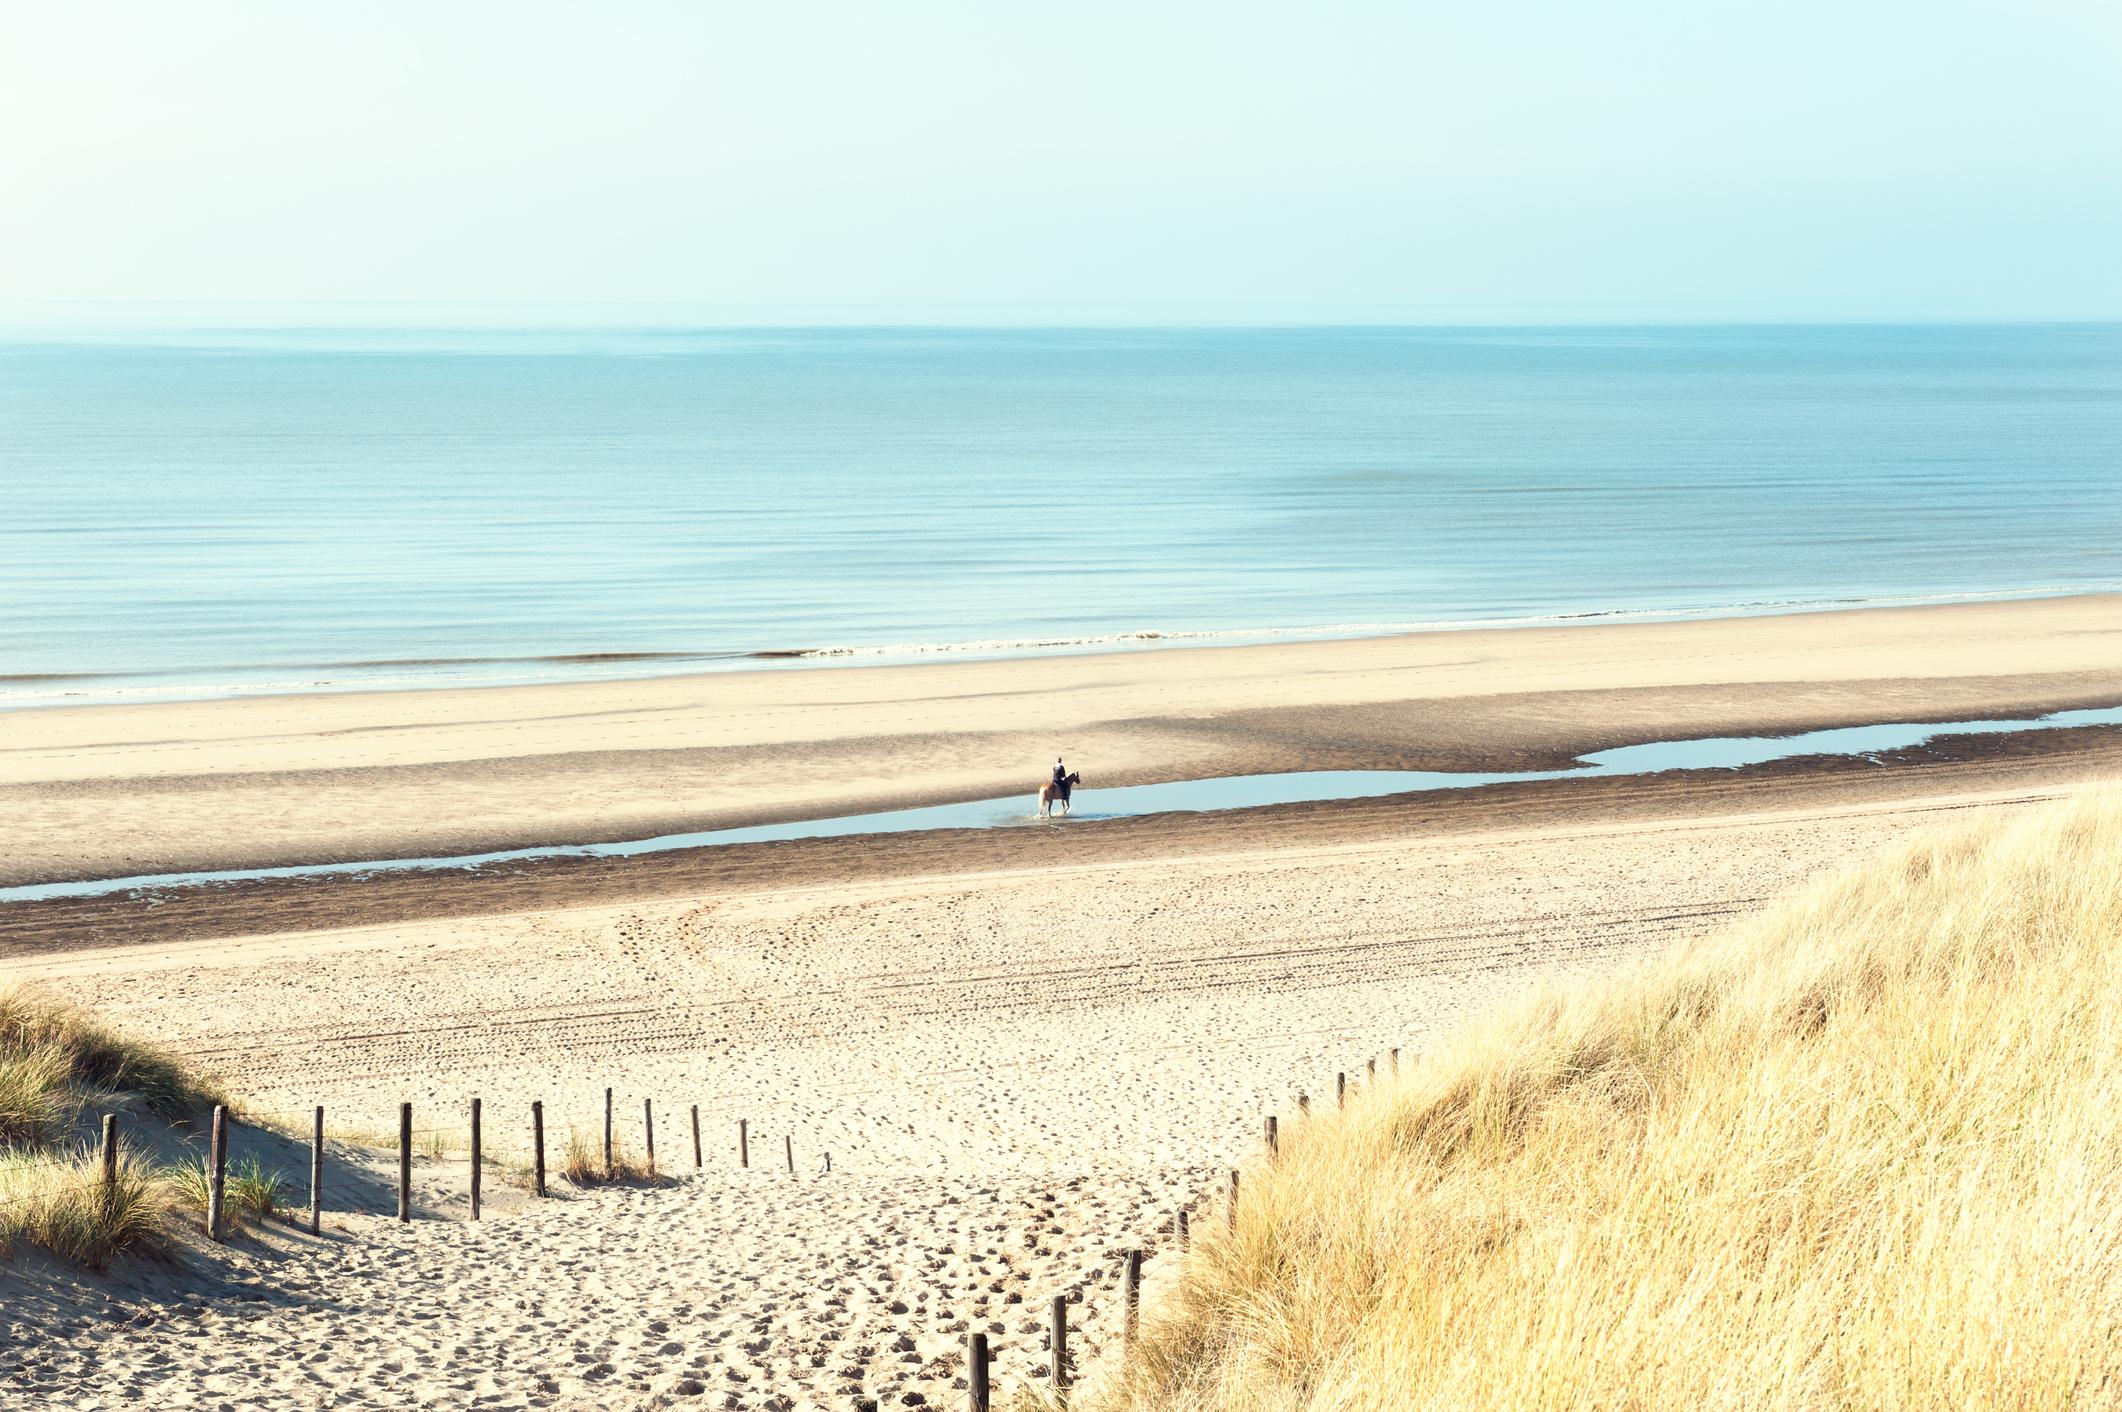 Sandy dunes on the sea coast in Noordwijk, Netherlands, Europe.